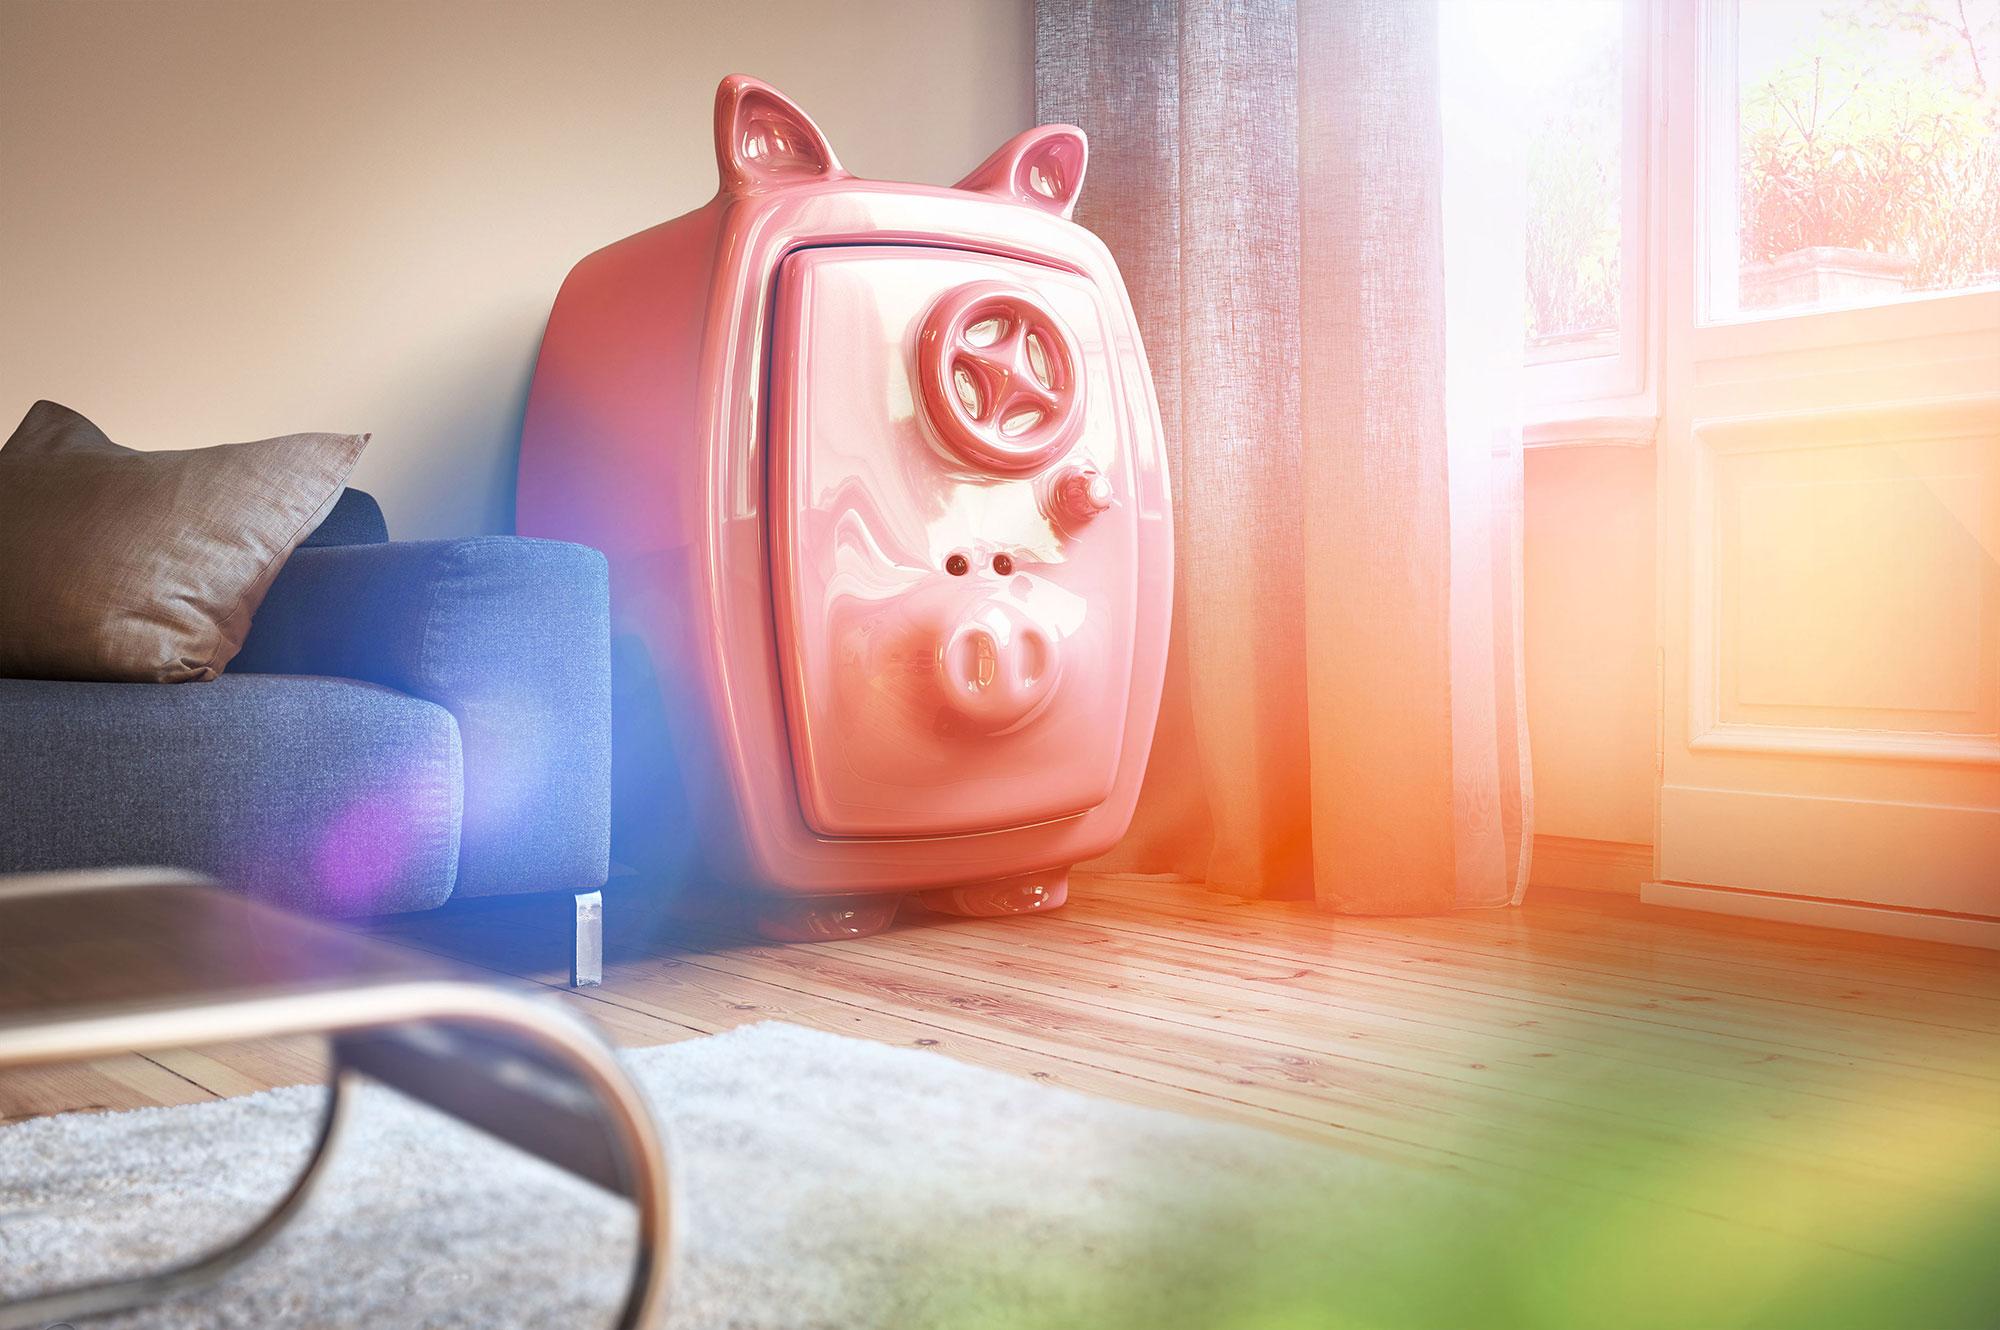 CGI Rendering 3d PS-Sparen Sparschwein Tresor Wohnzimmer HDRI Backplate Sphere Idris Kolodziej